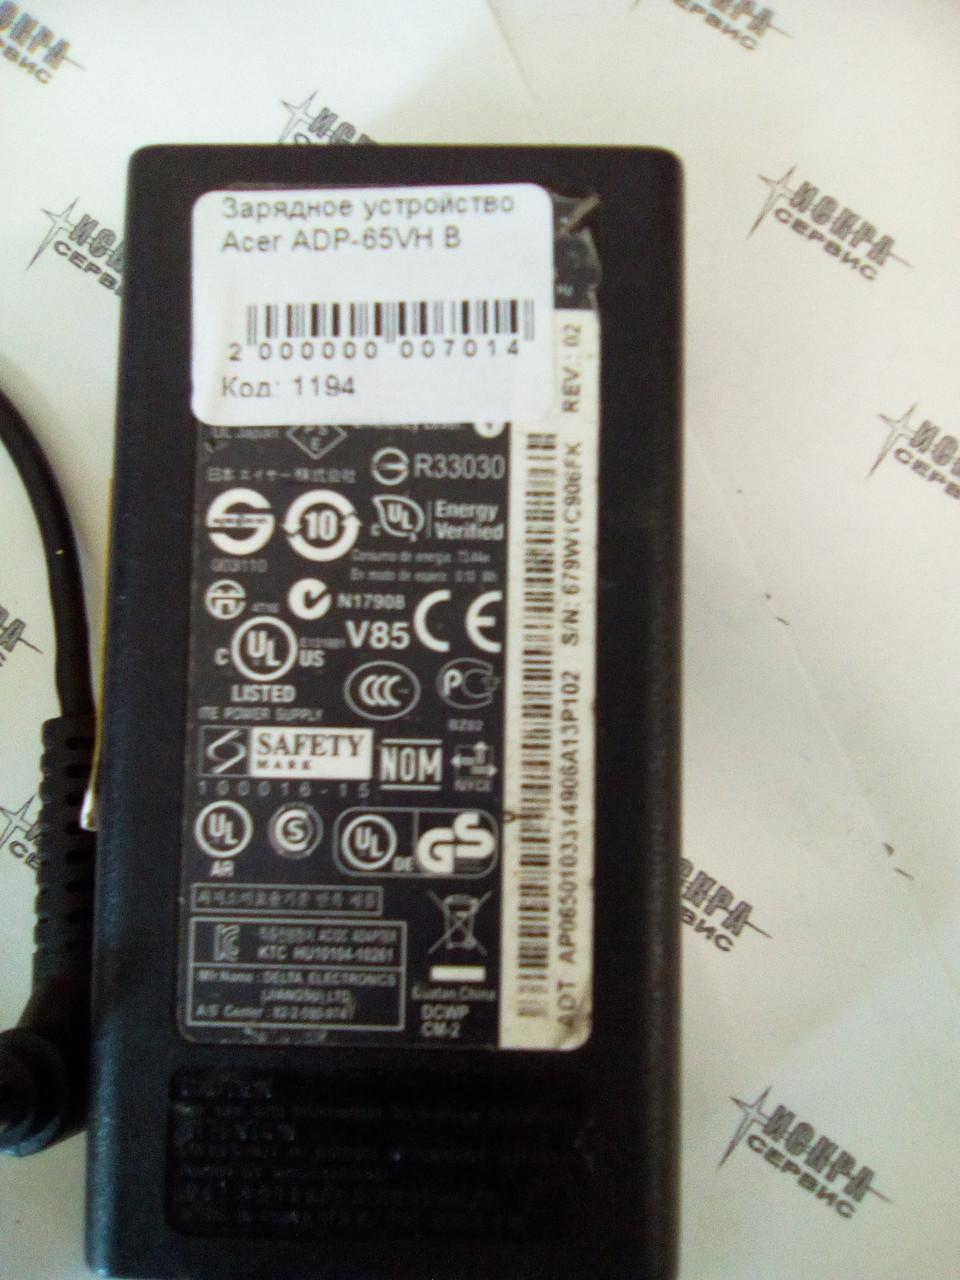 Зарядное устройство Acer ADP-65VH B